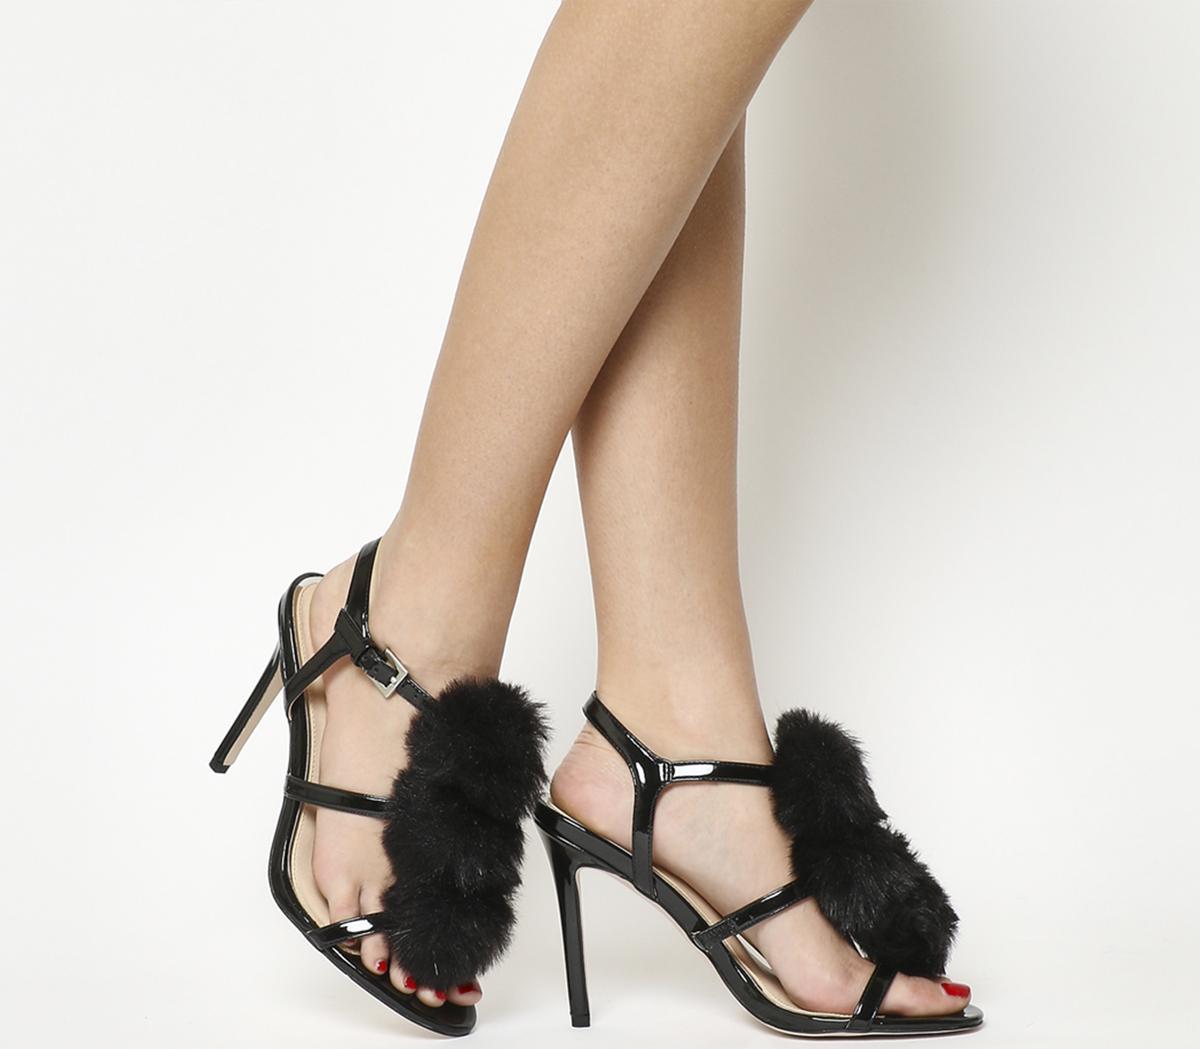 Hurrah Pom Pom Sandals